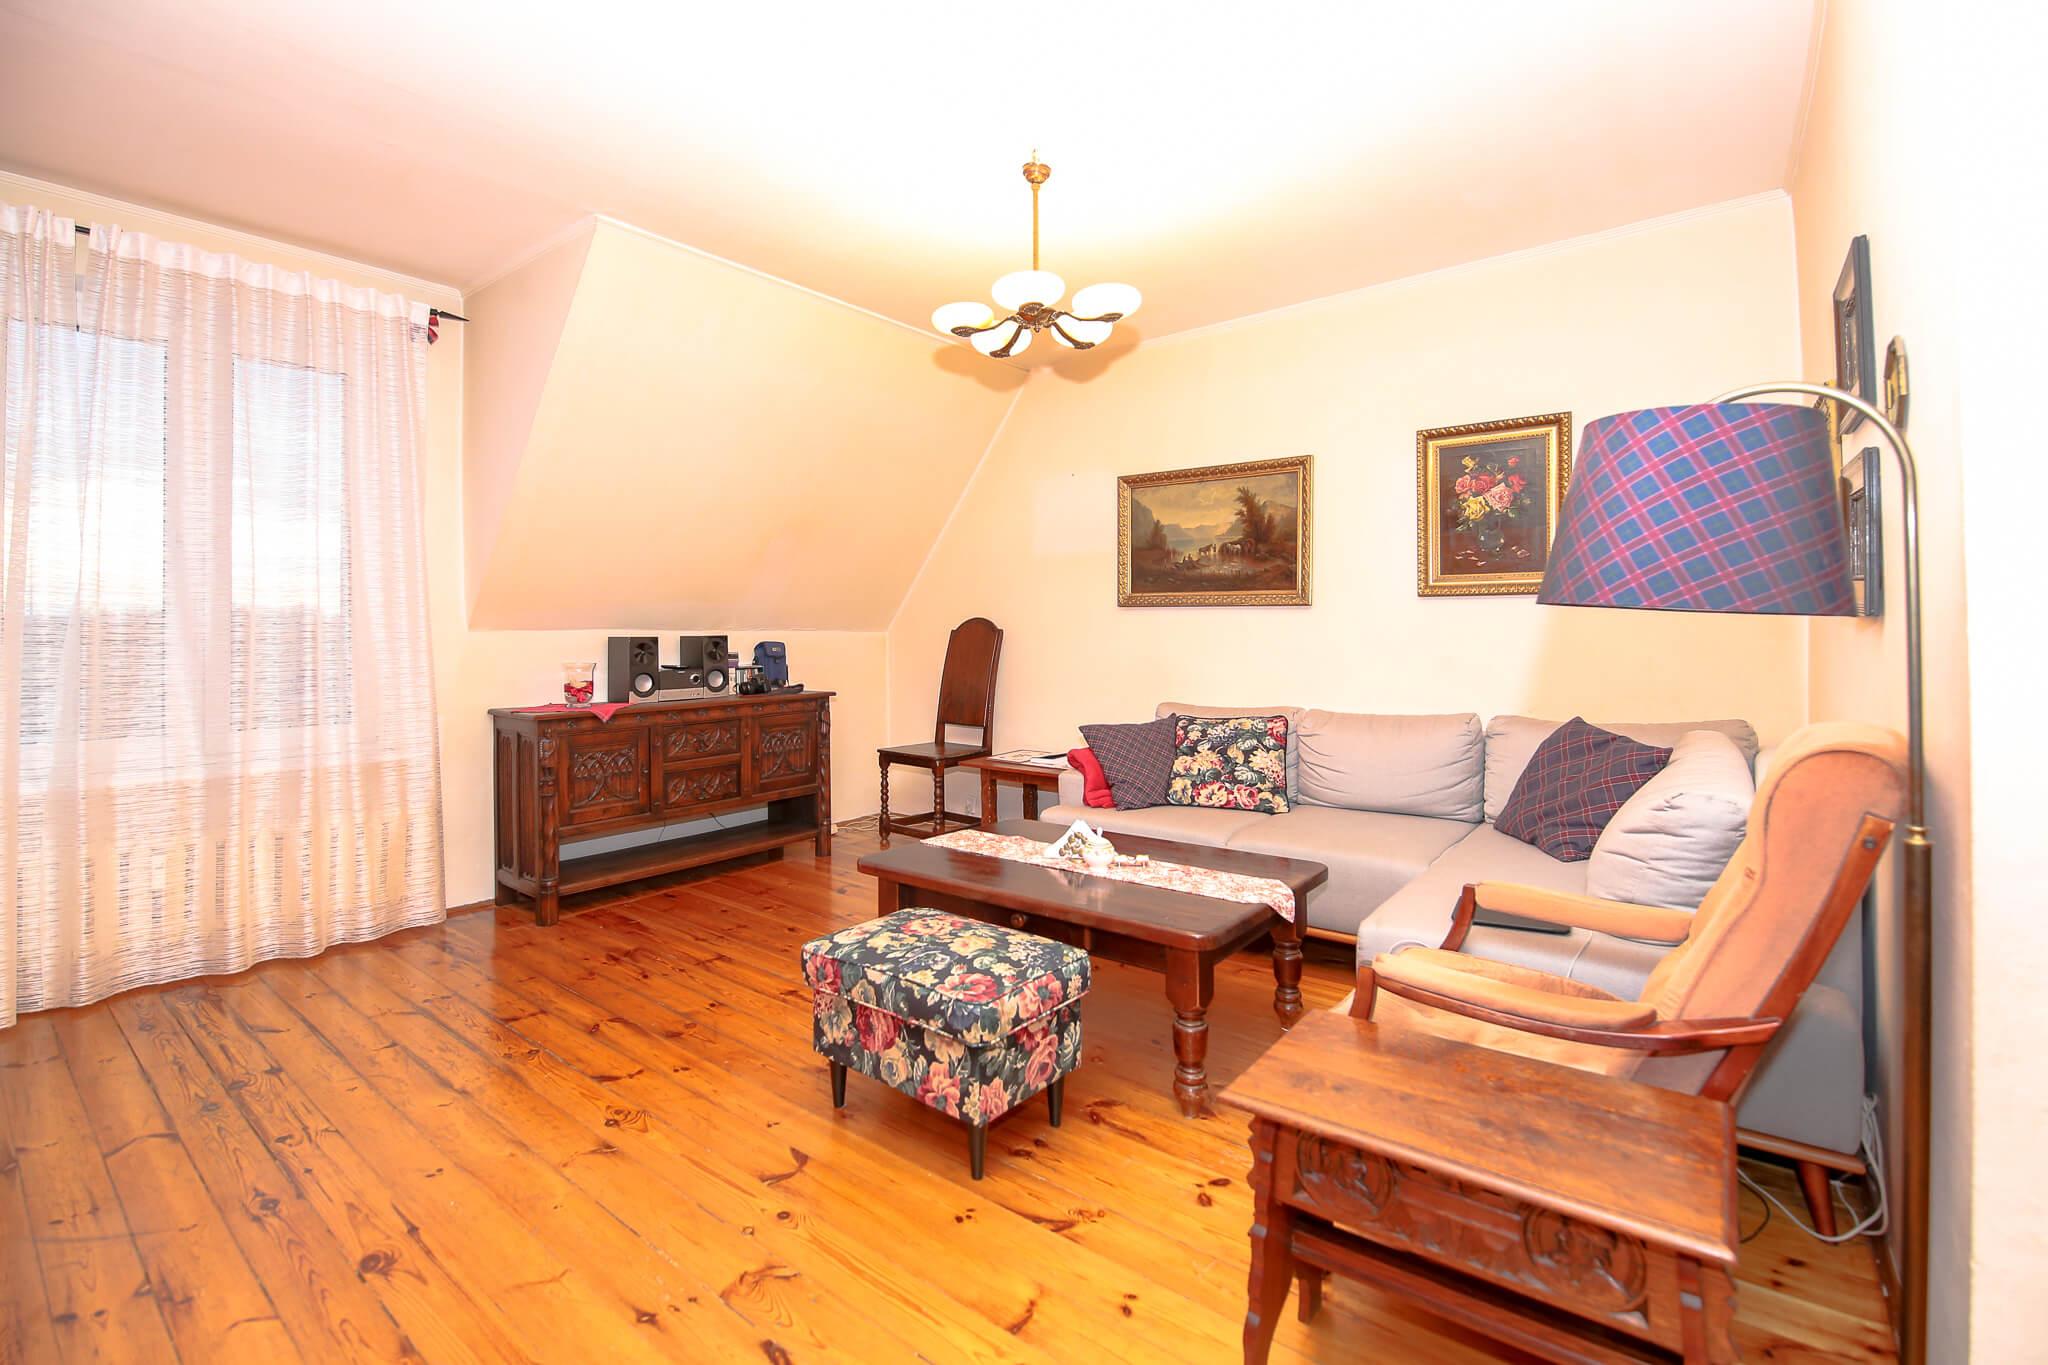 mieszkanie na sprzedaż murowana goślina - Mieszkania w okolicy Poznania